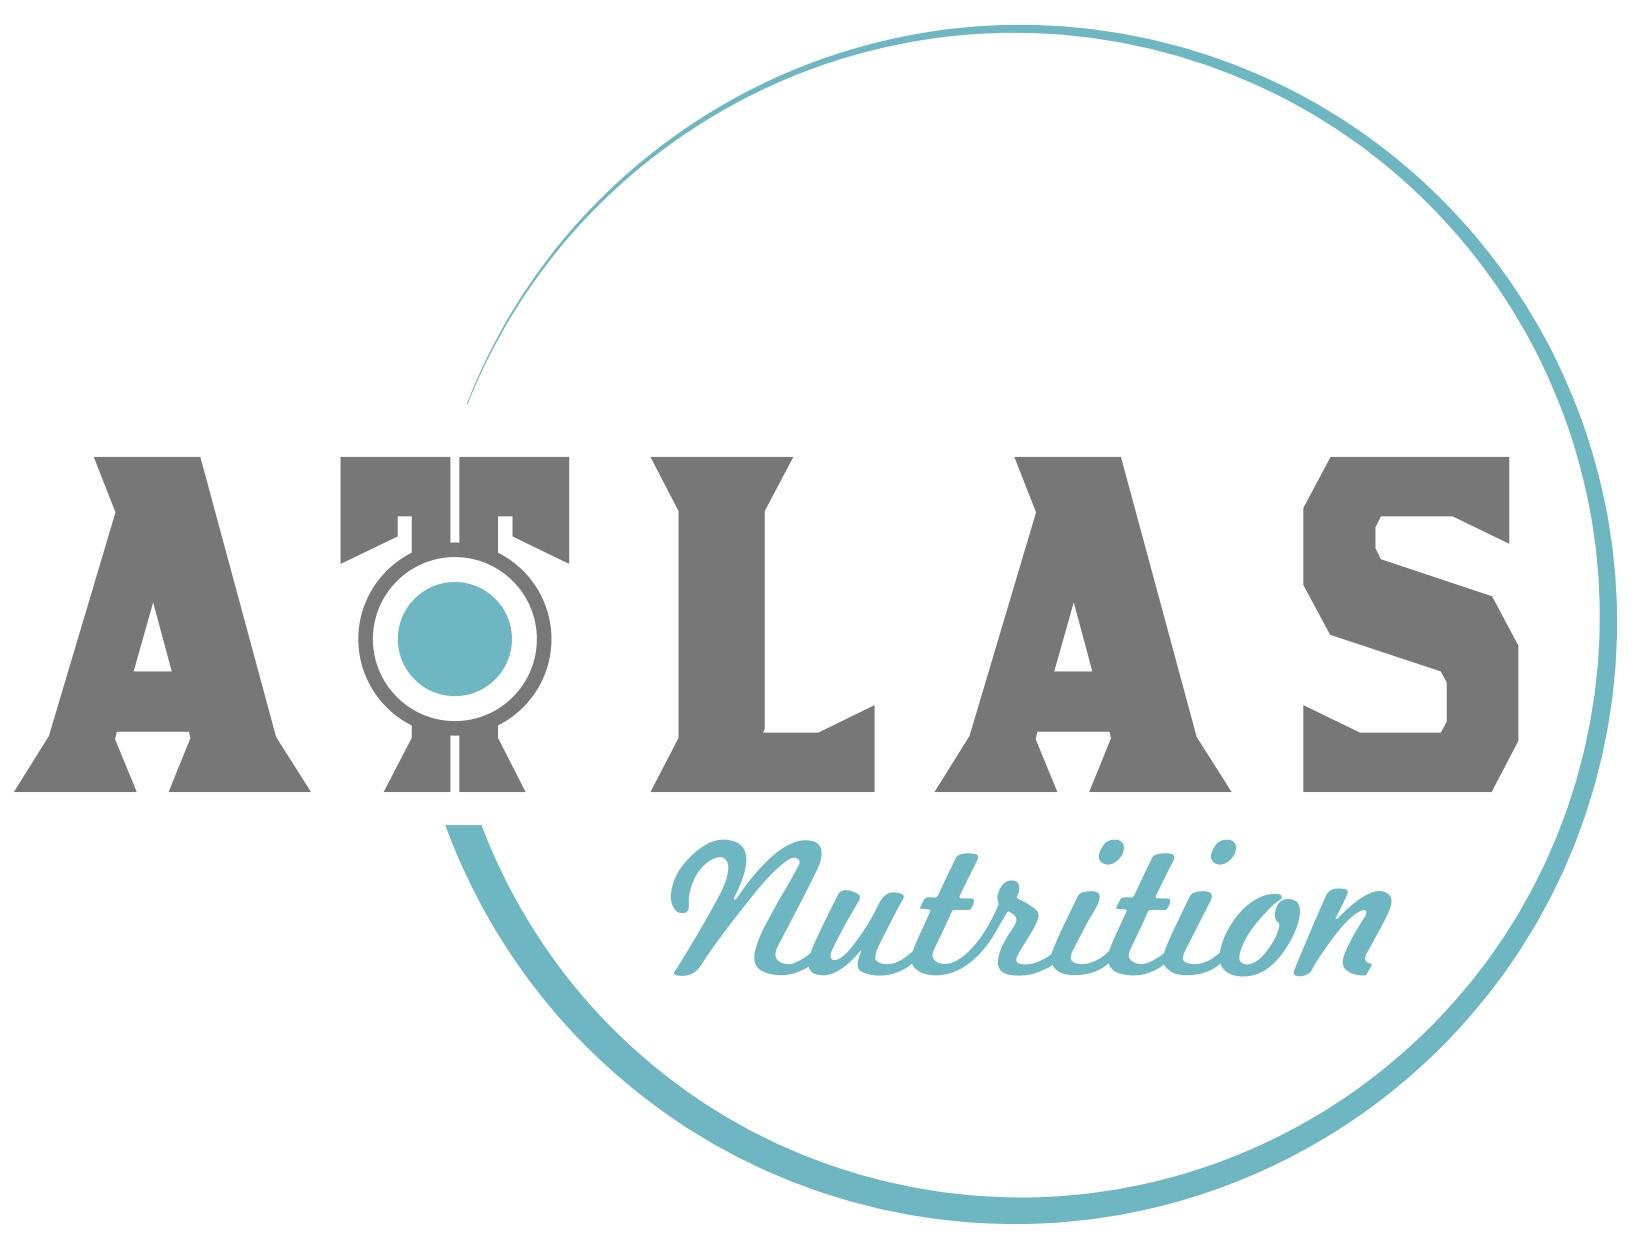 Copy of Atlas Nutrition copy.jpg